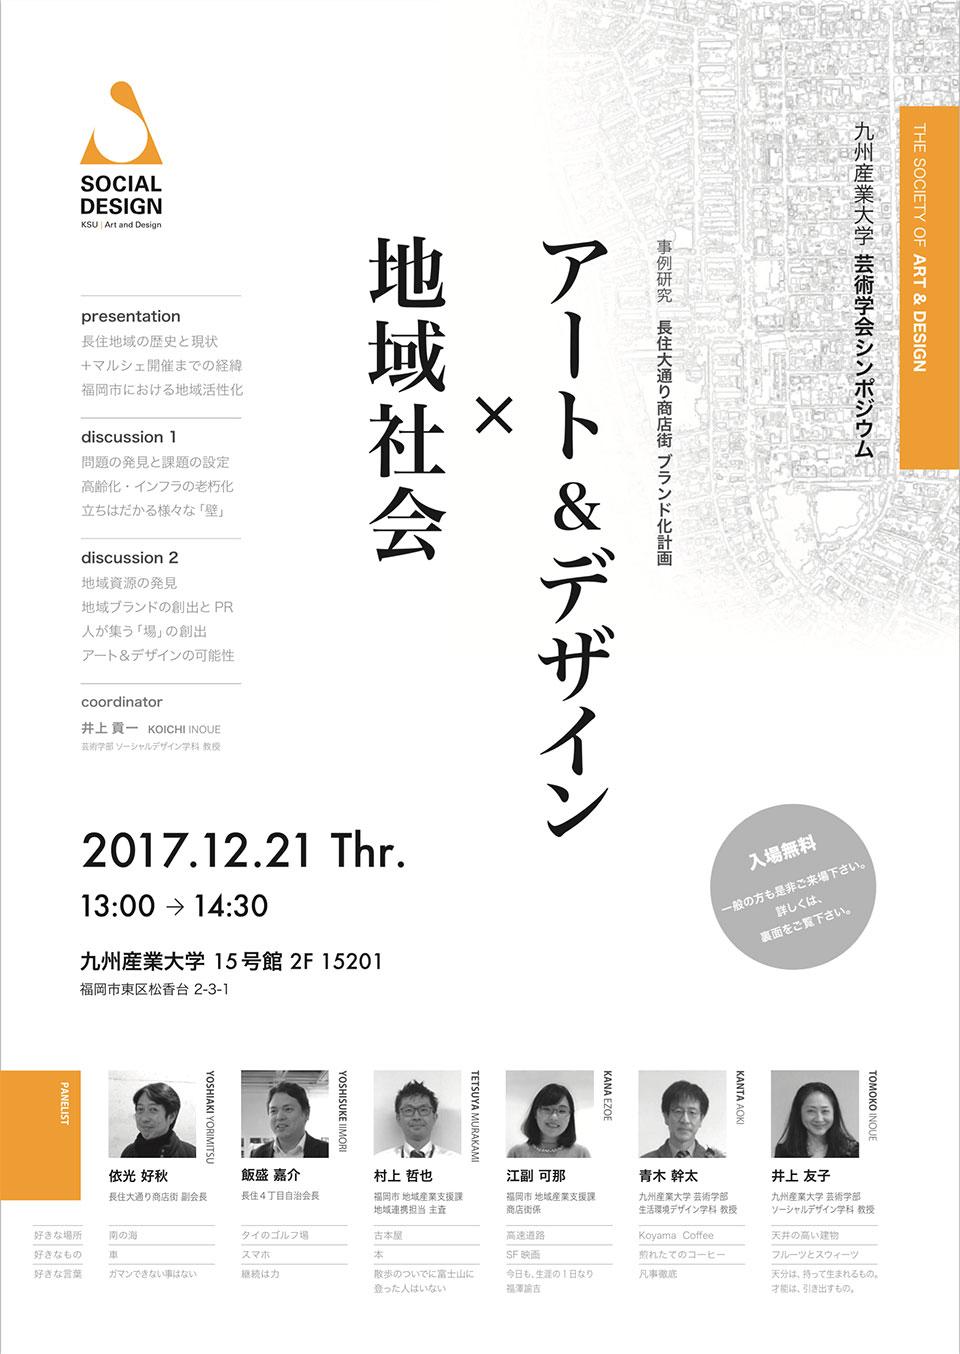 symposium2017.jpg